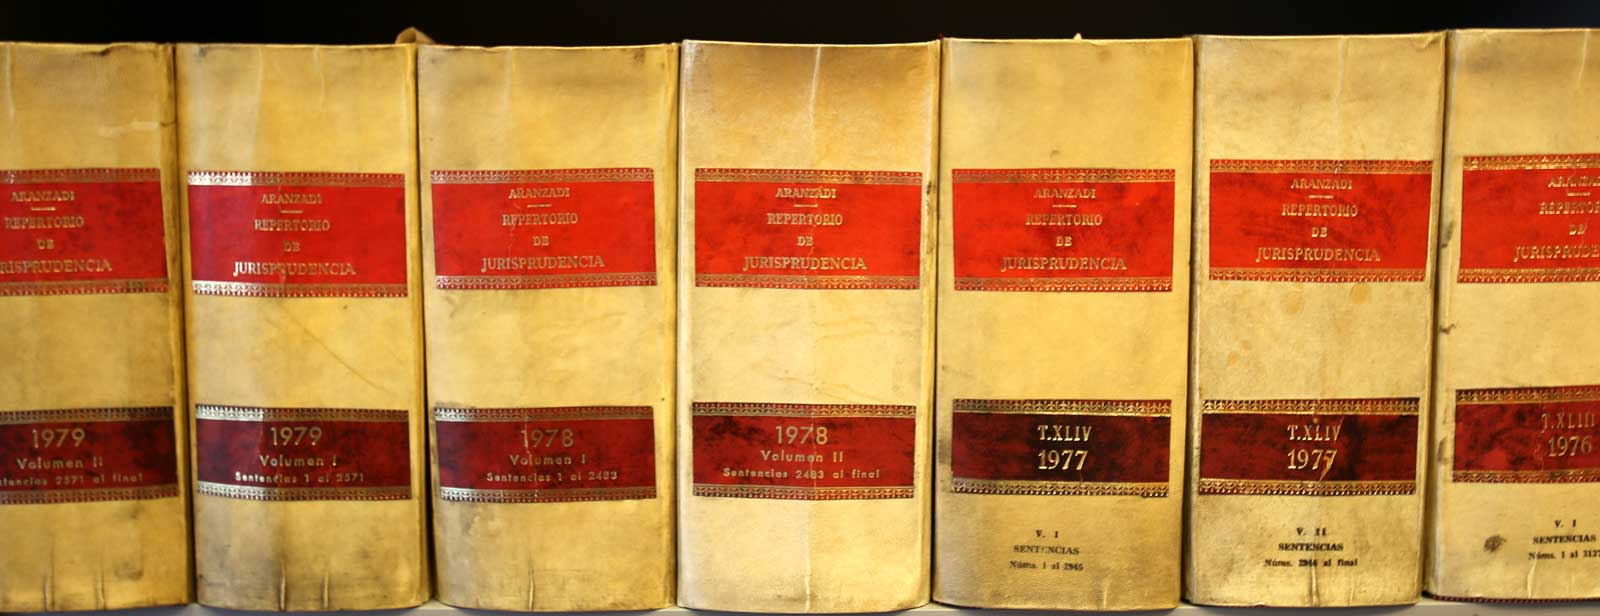 Libros Jurisprudencia